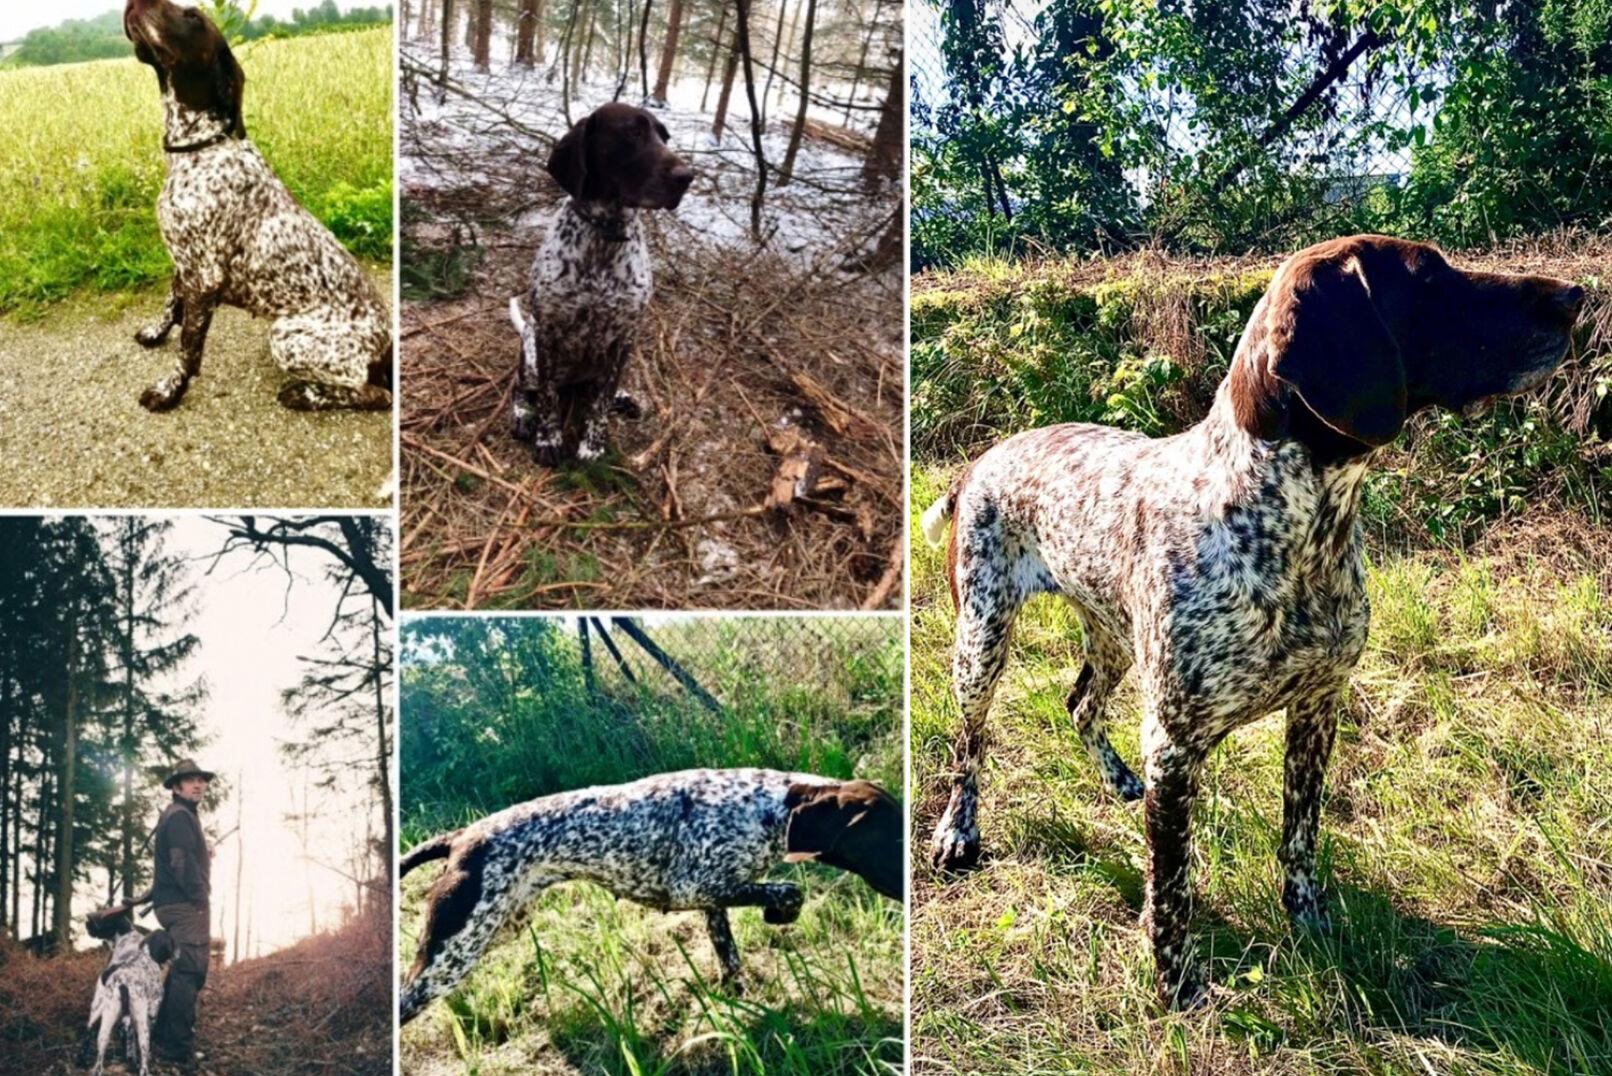 Jäger, Fischer und Hundeführer Martin schickt uns diese Collage. IG: @hunting_flyfishing_nature